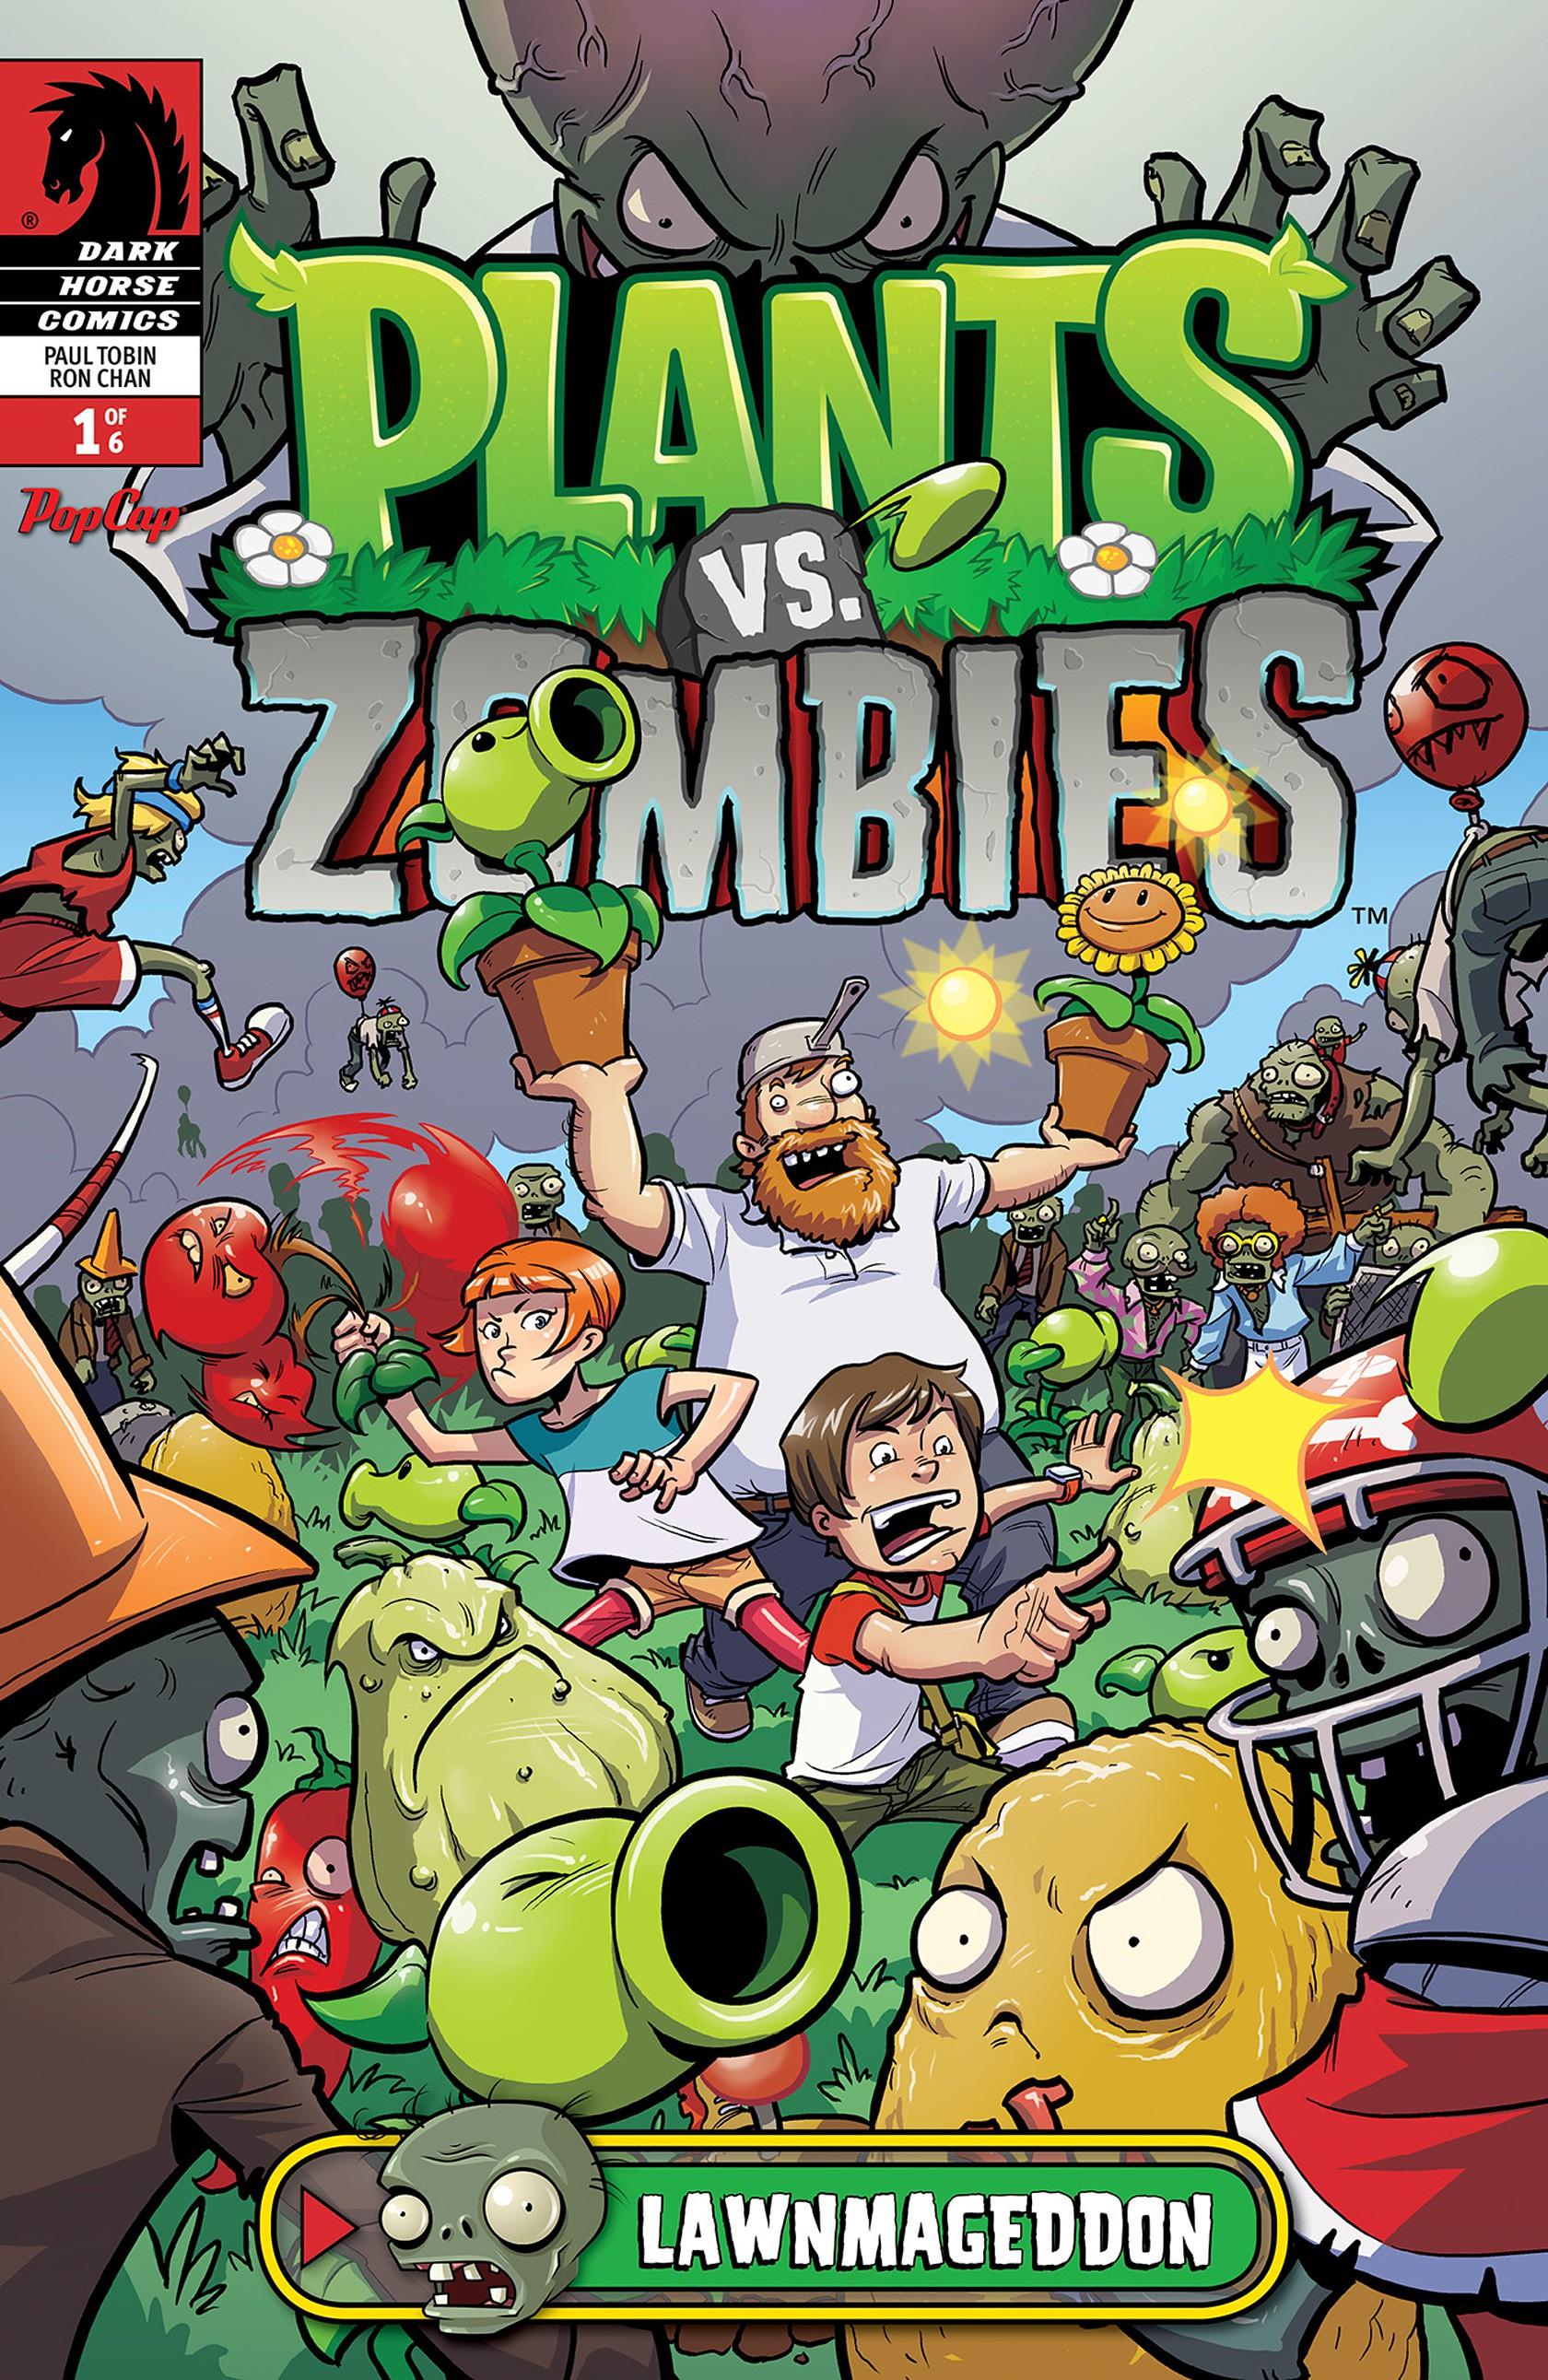 formatfactoryplants_vs_zombies_001-001.jpg